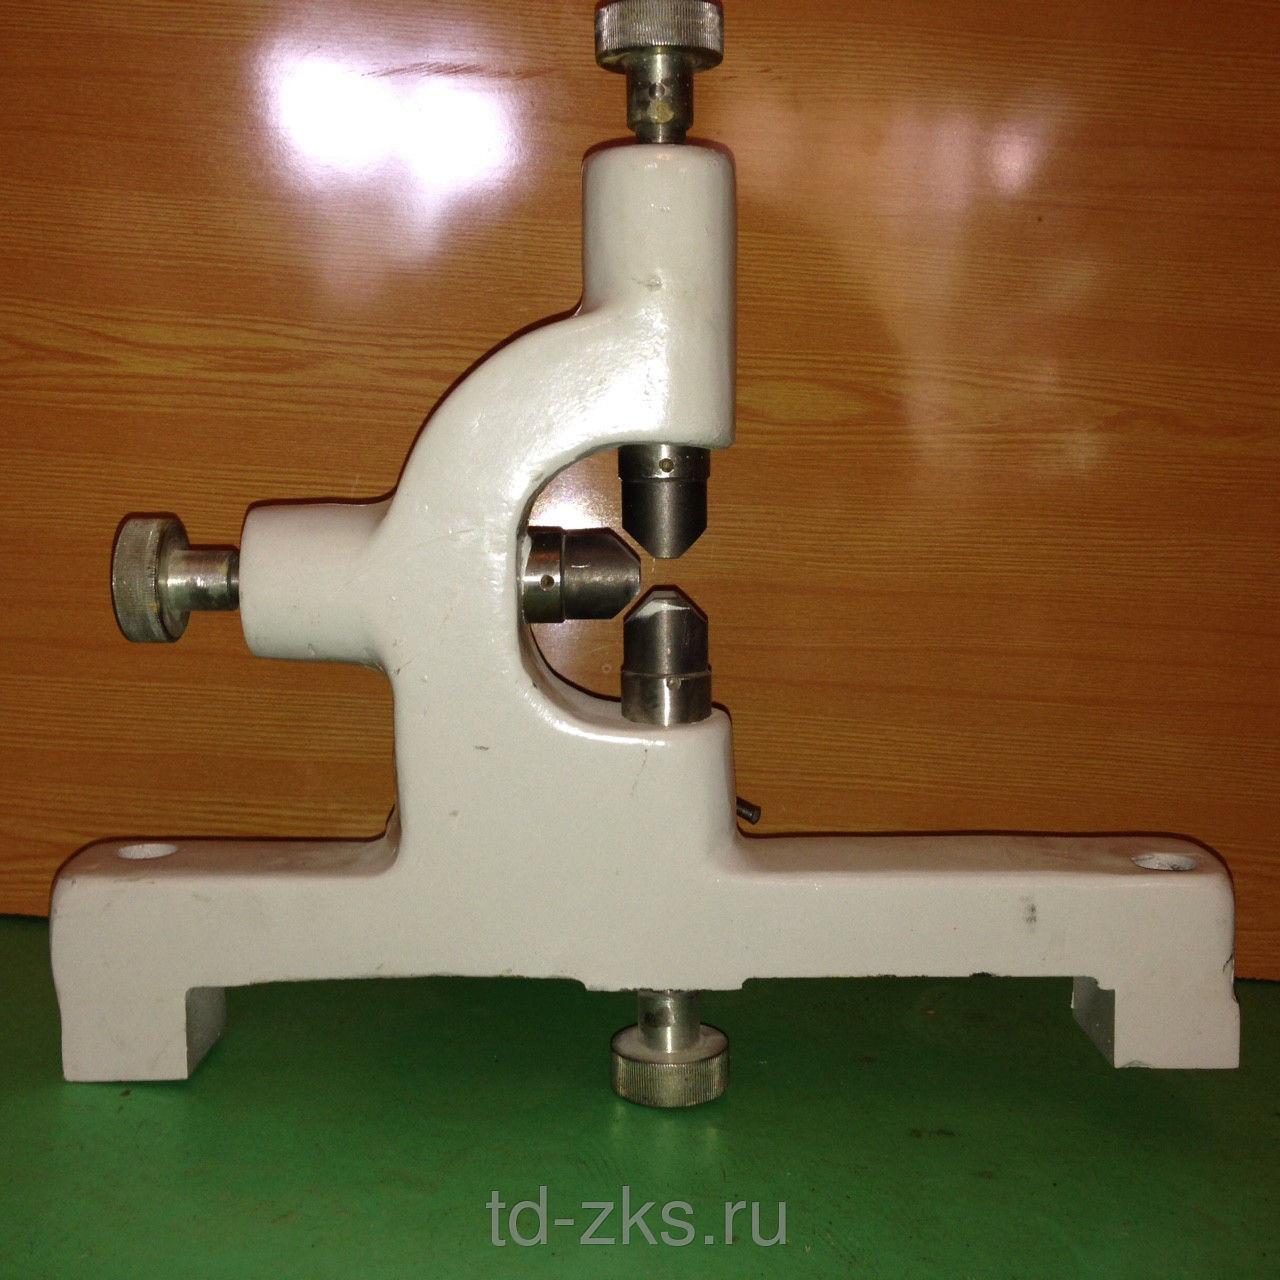 Люнет подвижный для токарного станка 16б16